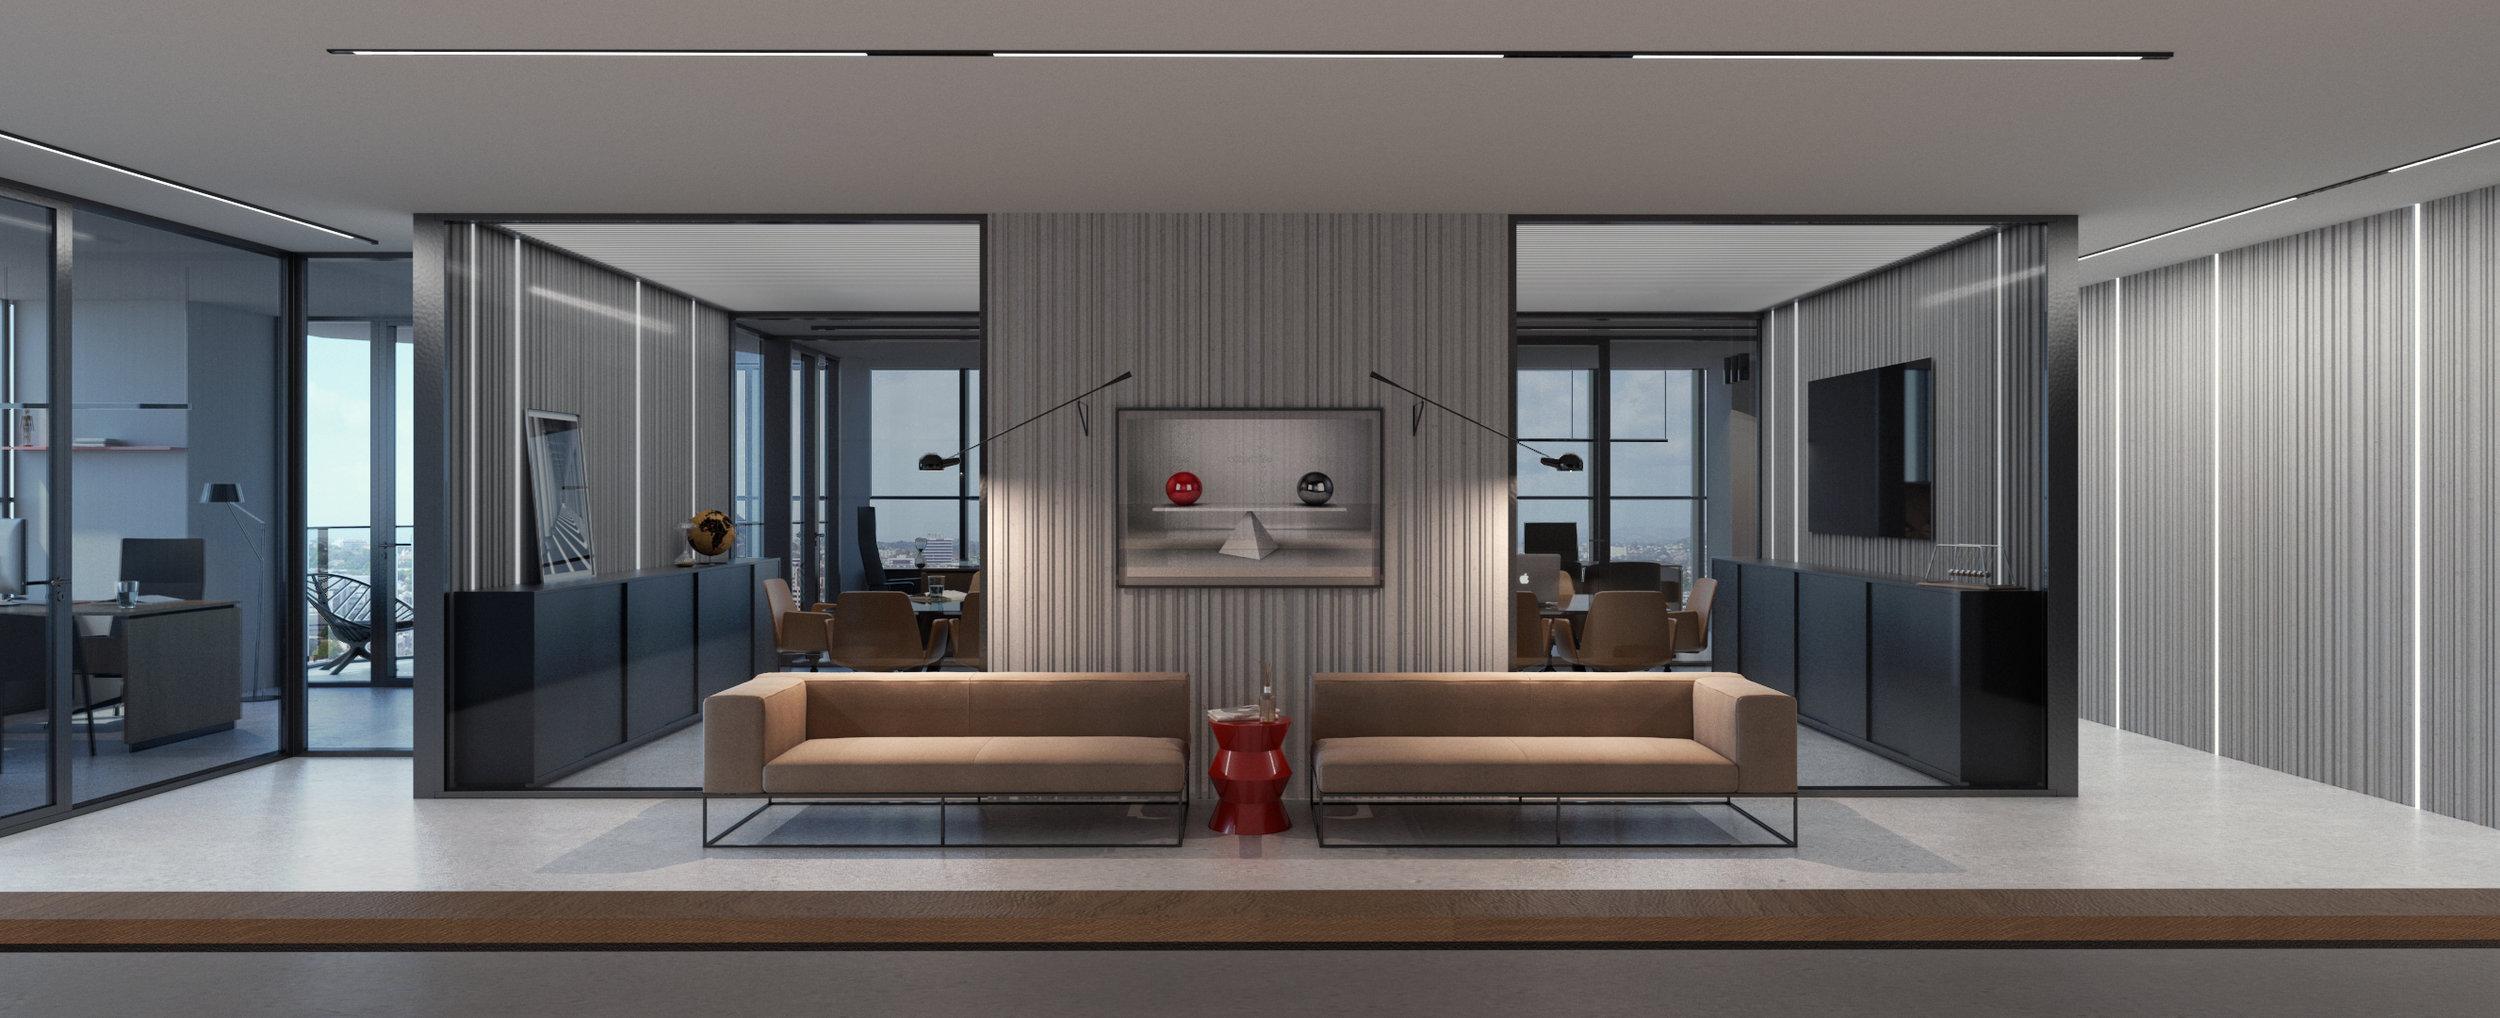 C.A LAW FIRM  | Gila Shemie Zakay Interior Design